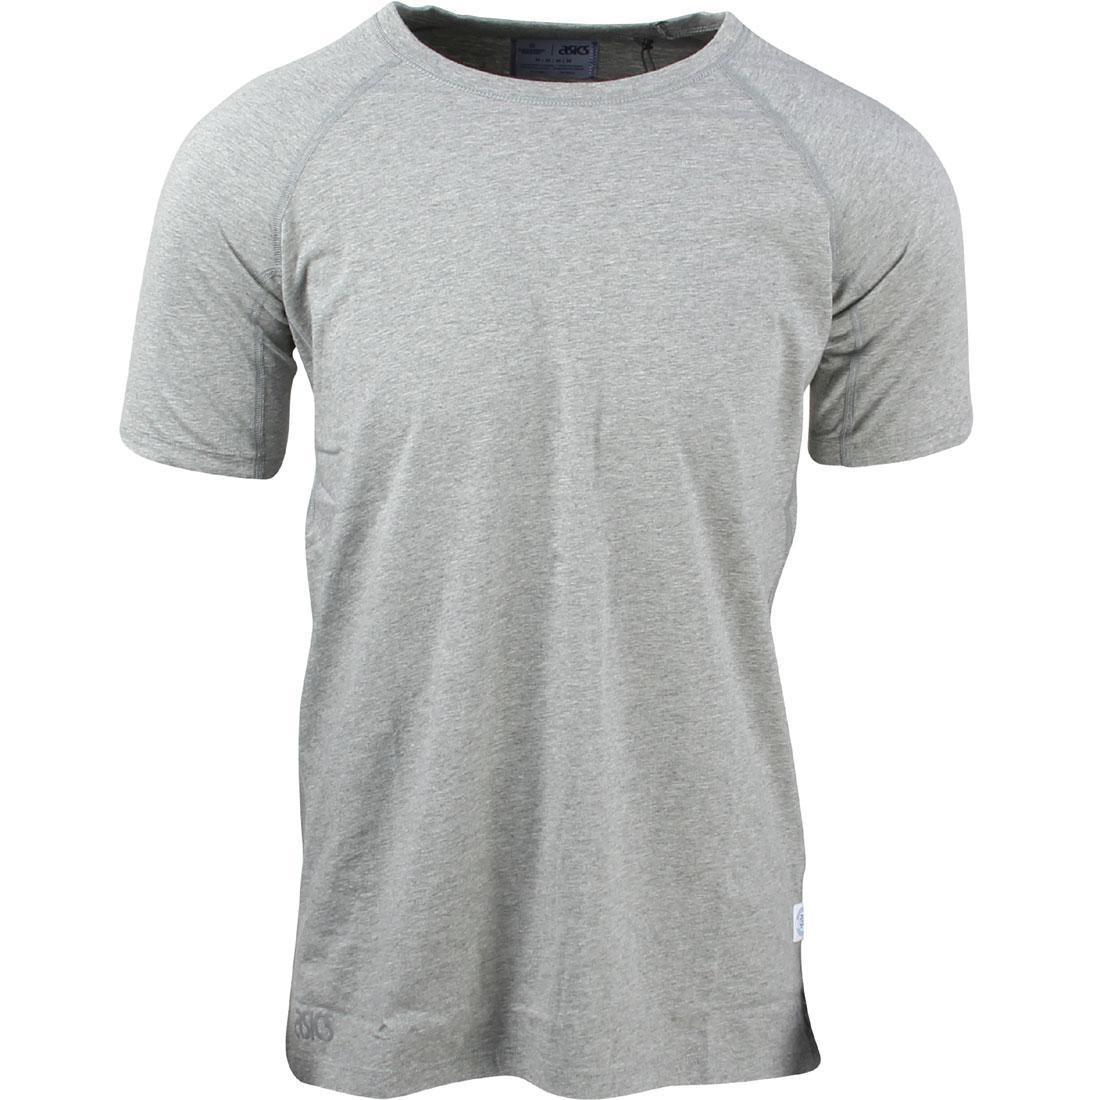 アシックスタイガー ASICS TIGER Tシャツ ヘザー メンズファッション トップス カットソー メンズ 【 X Reigning Champ Men Tee (grey / Heather Grey) 】 Grey / Heather Grey